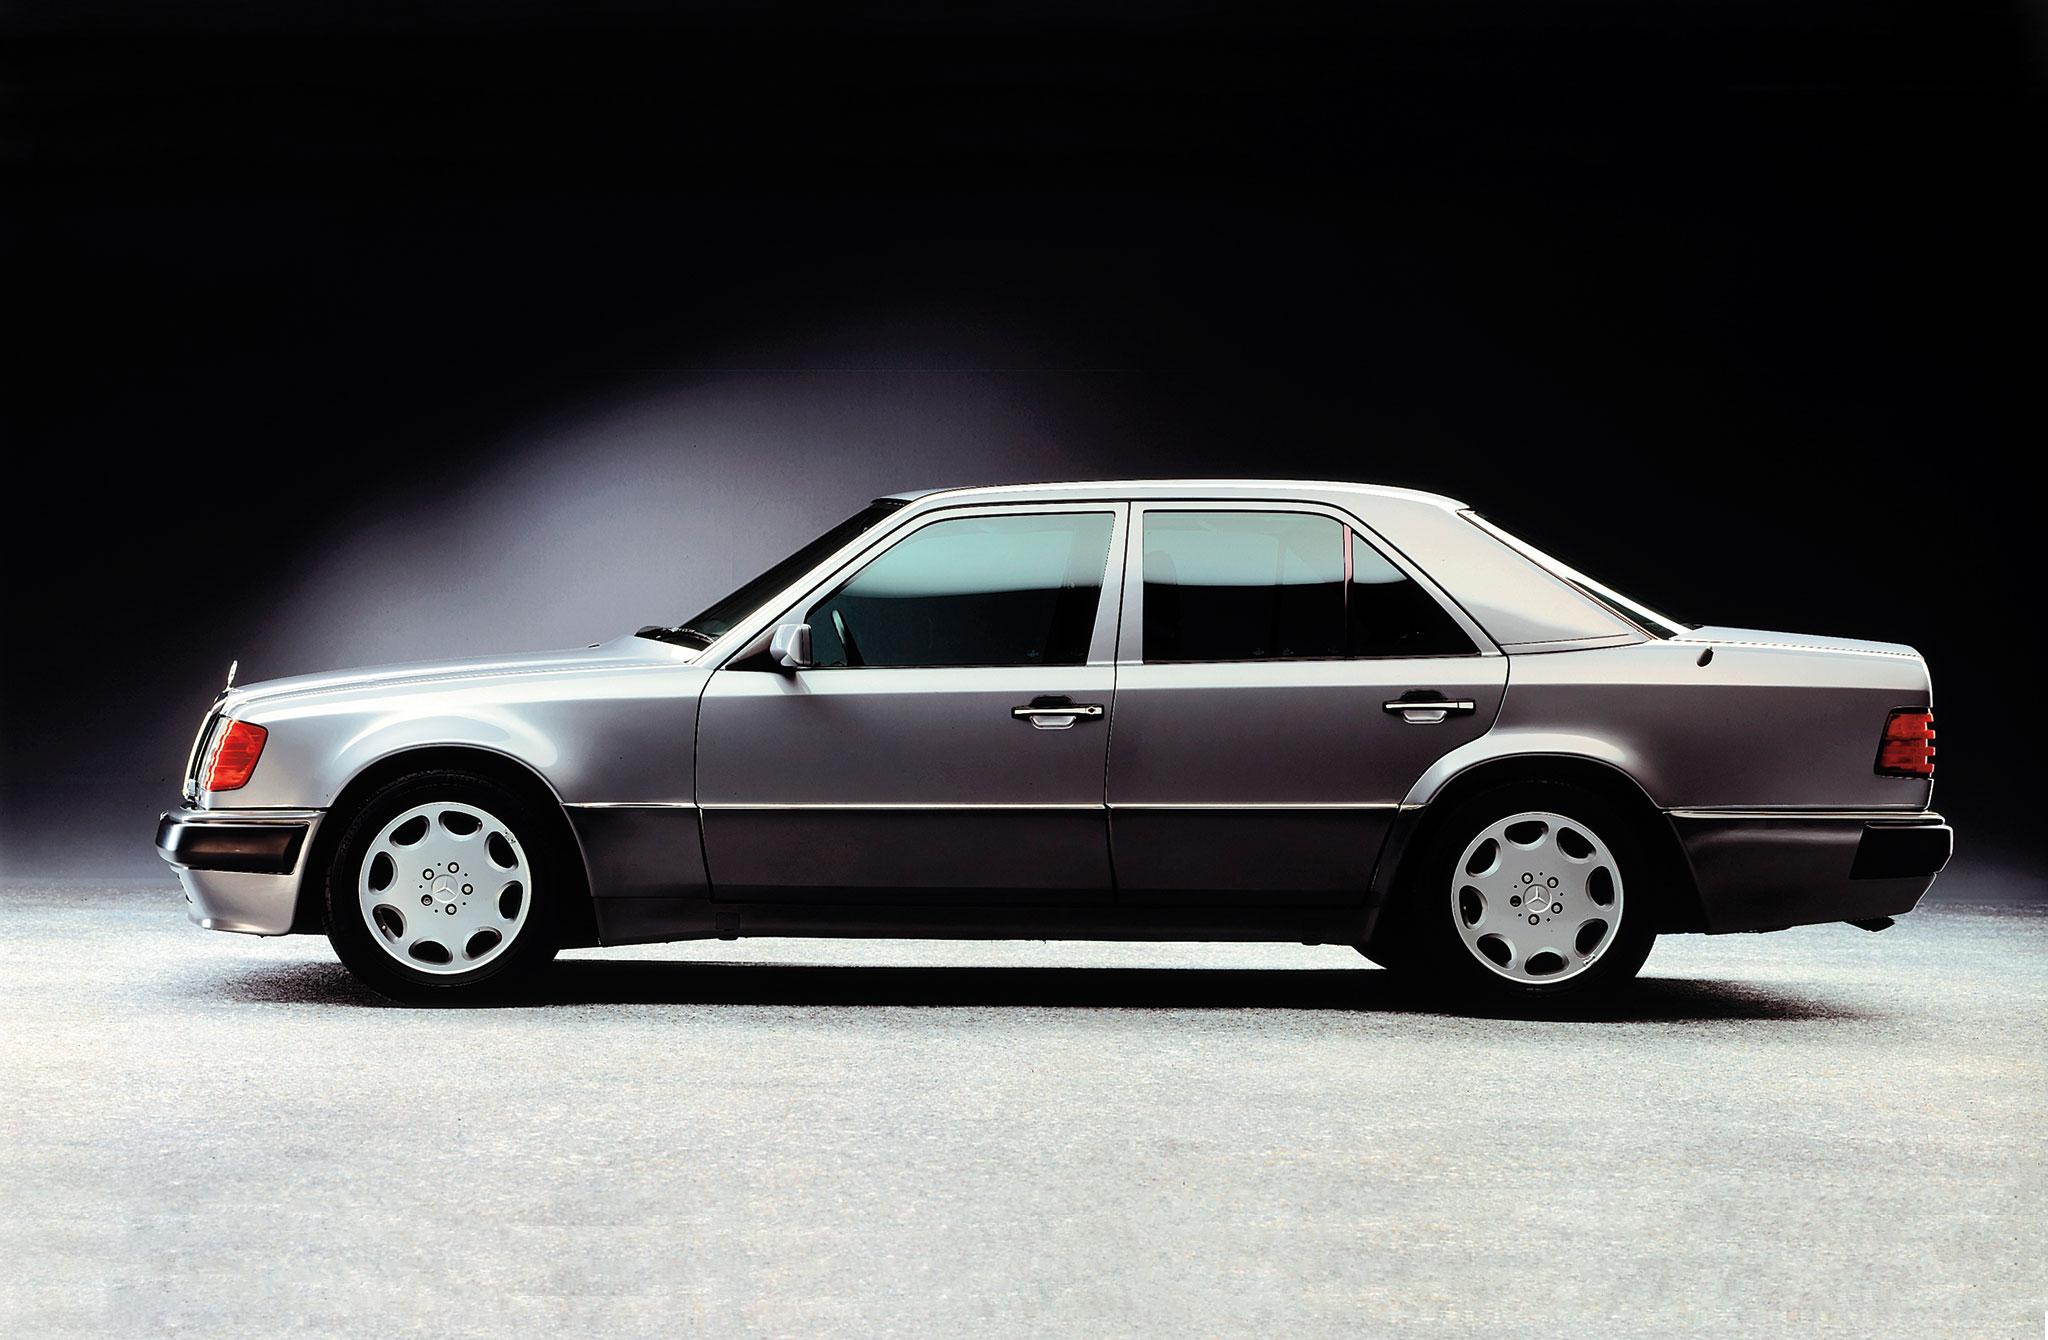 مرسدس بنز 500E تولید سال 1991 میلادیbenz E500 1991